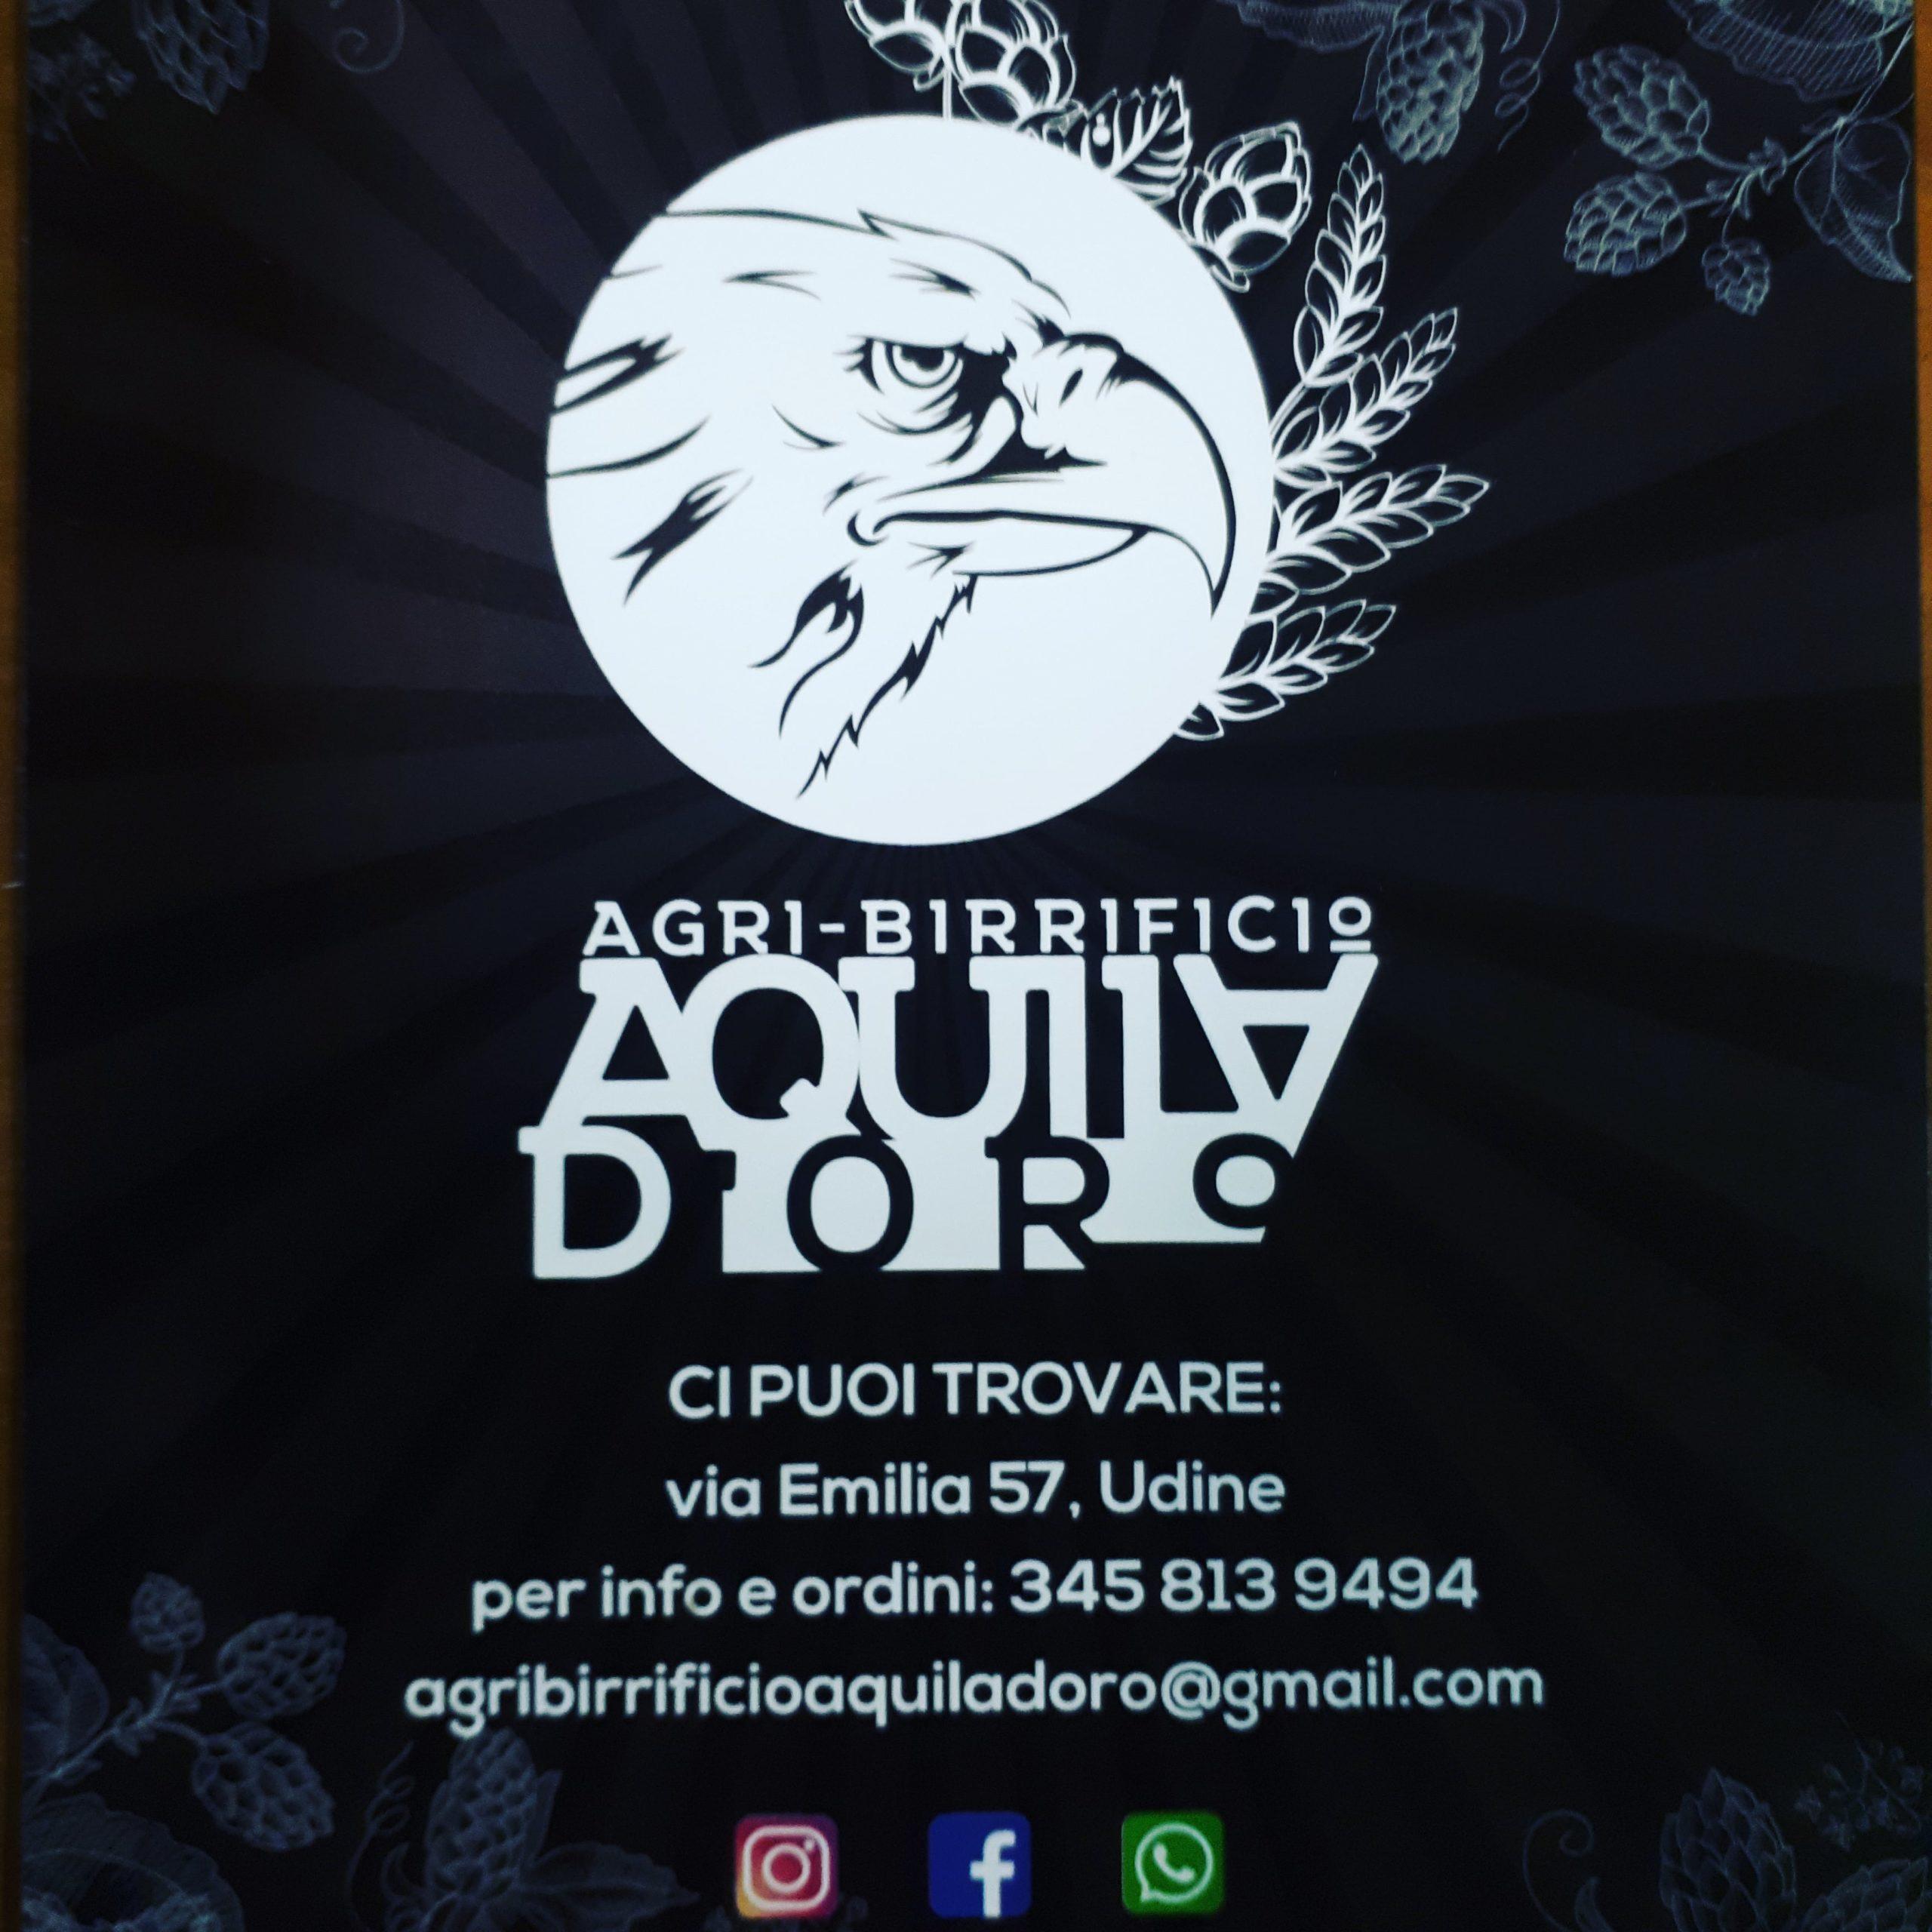 Aquila d'Oro: un nuovo birrificio agricolo in FVG